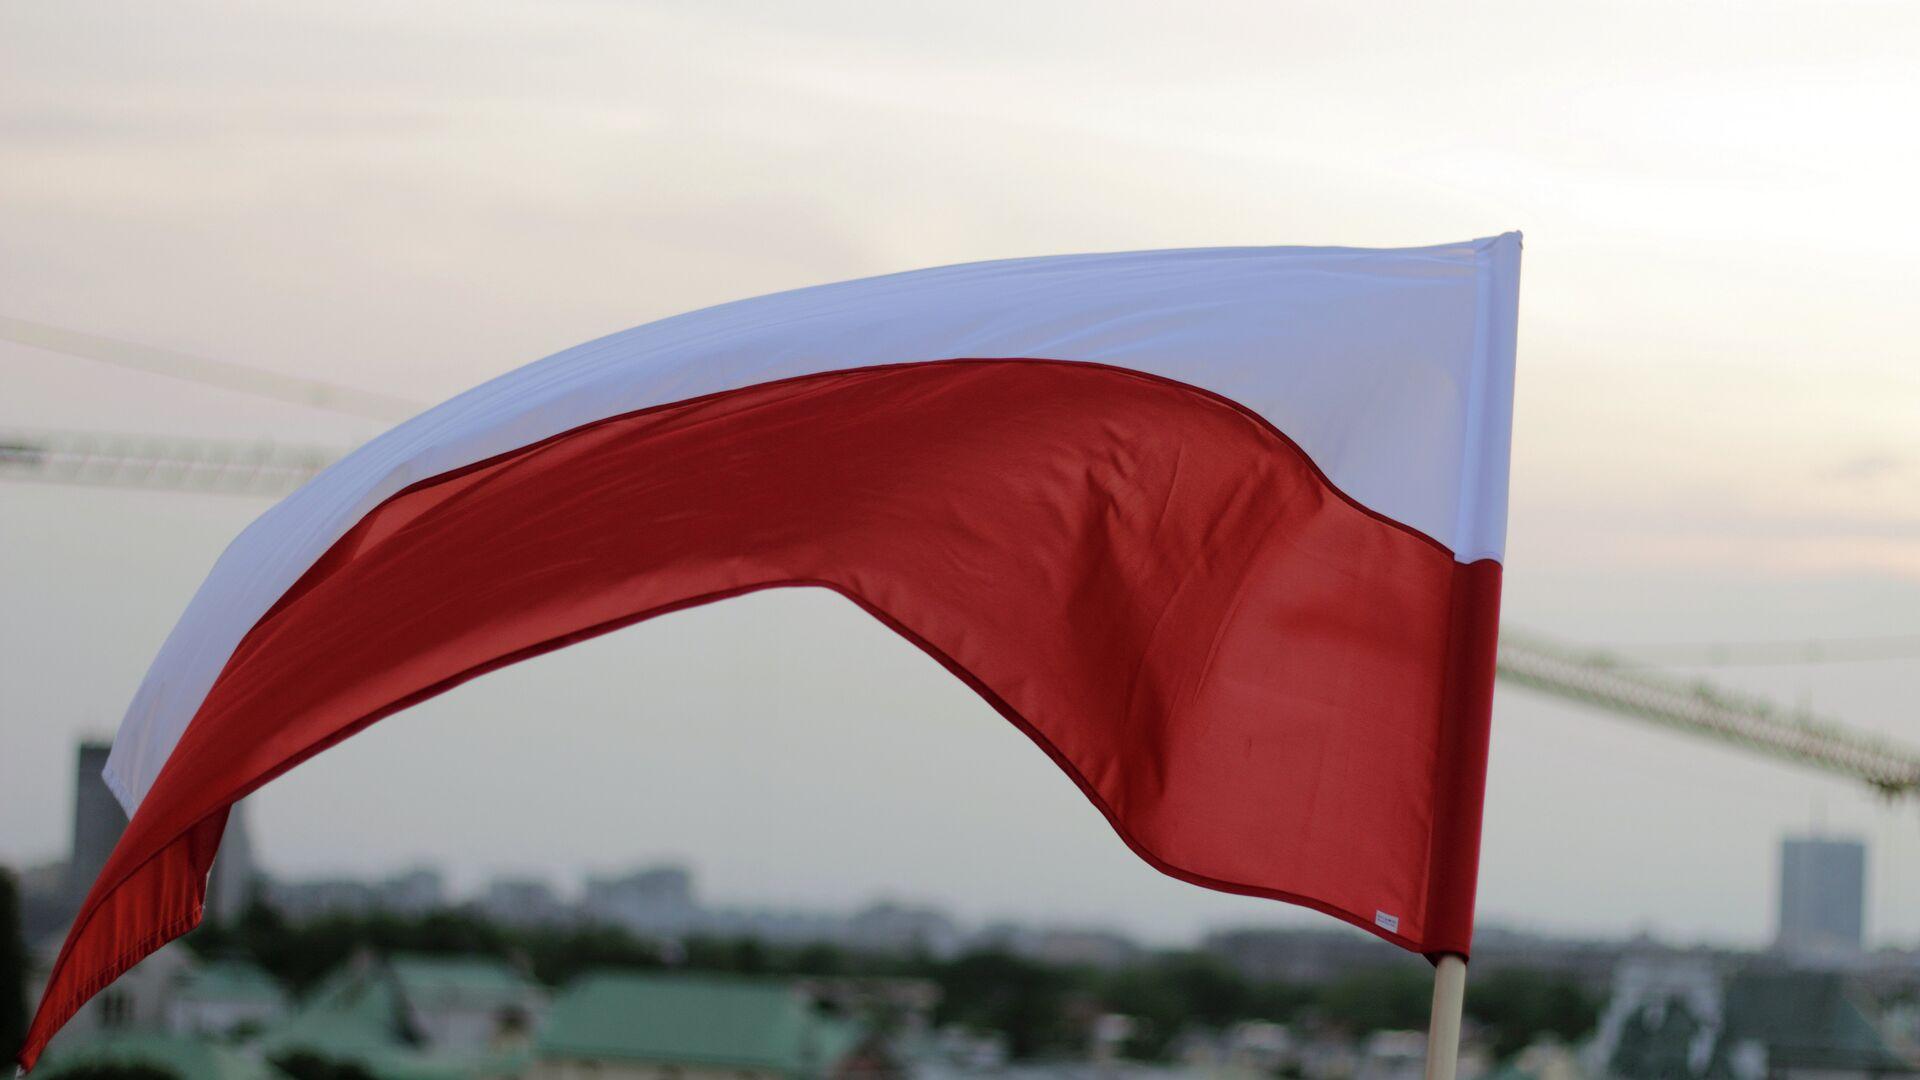 Bandera de Polonia - Sputnik Mundo, 1920, 11.10.2021